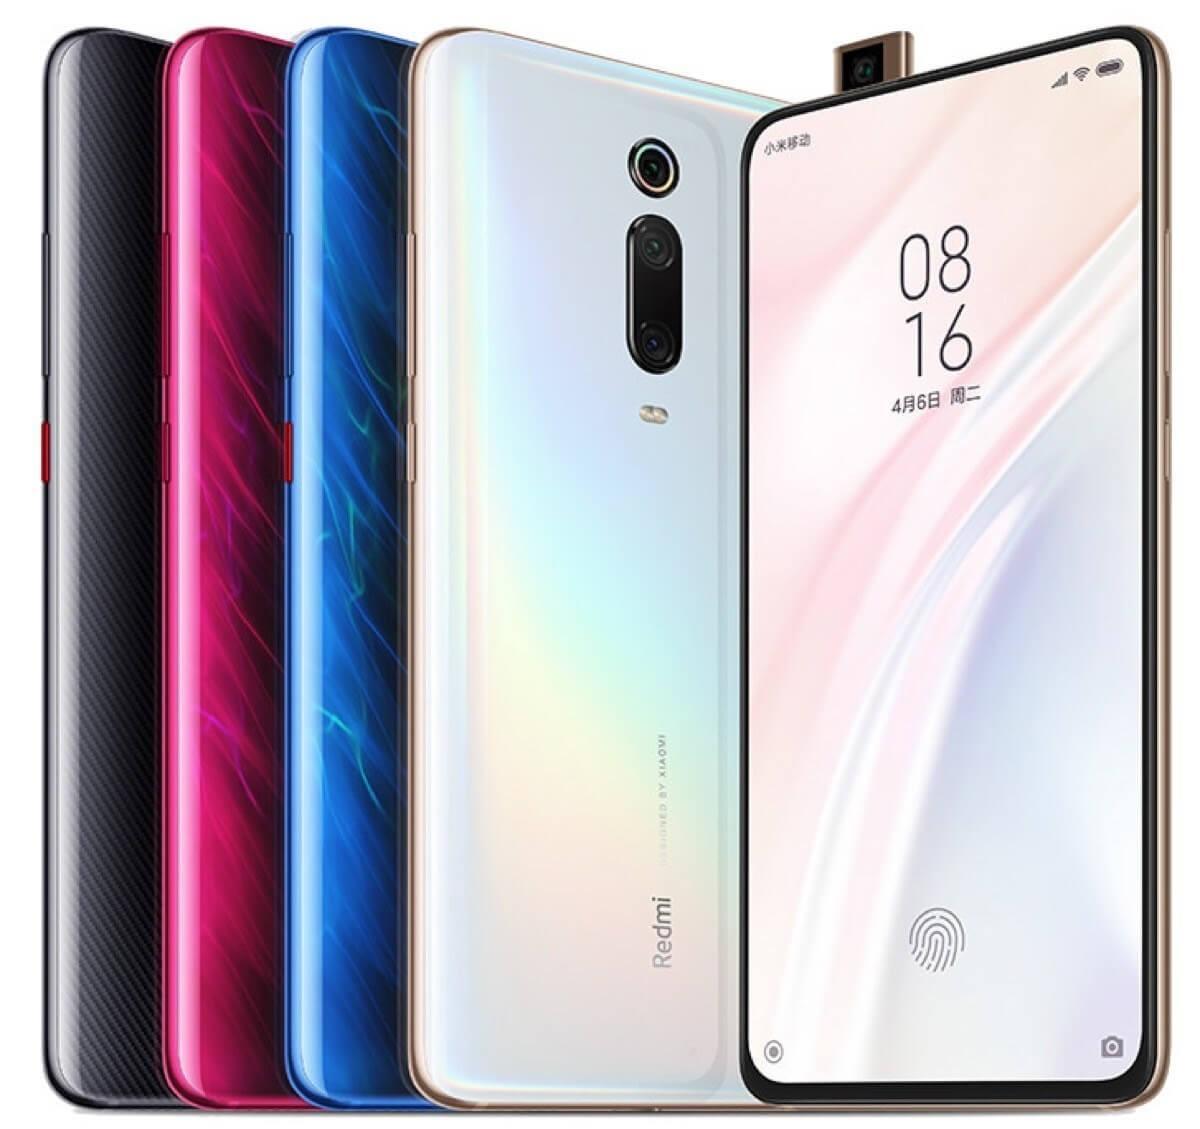 Сравнение моделей китайских смартфонов Хонор и Ксиаоми